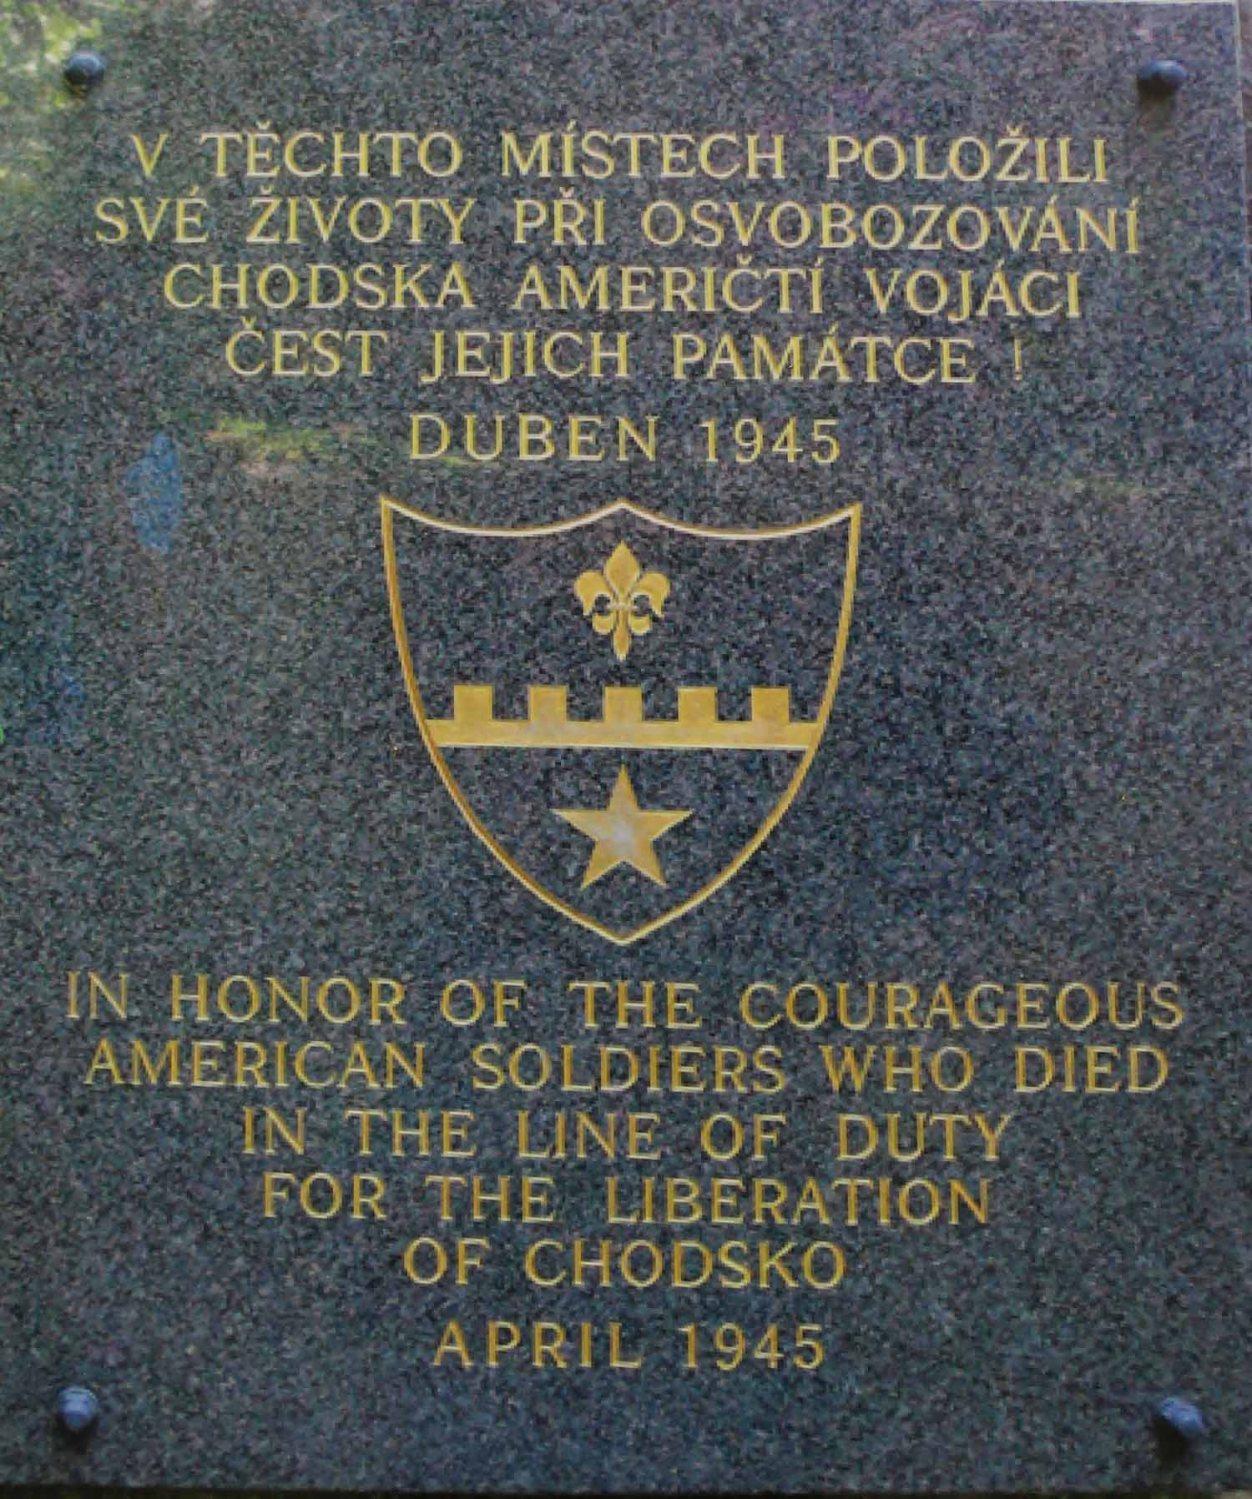 czech-republic-plzen-war-remembrance-chodsko